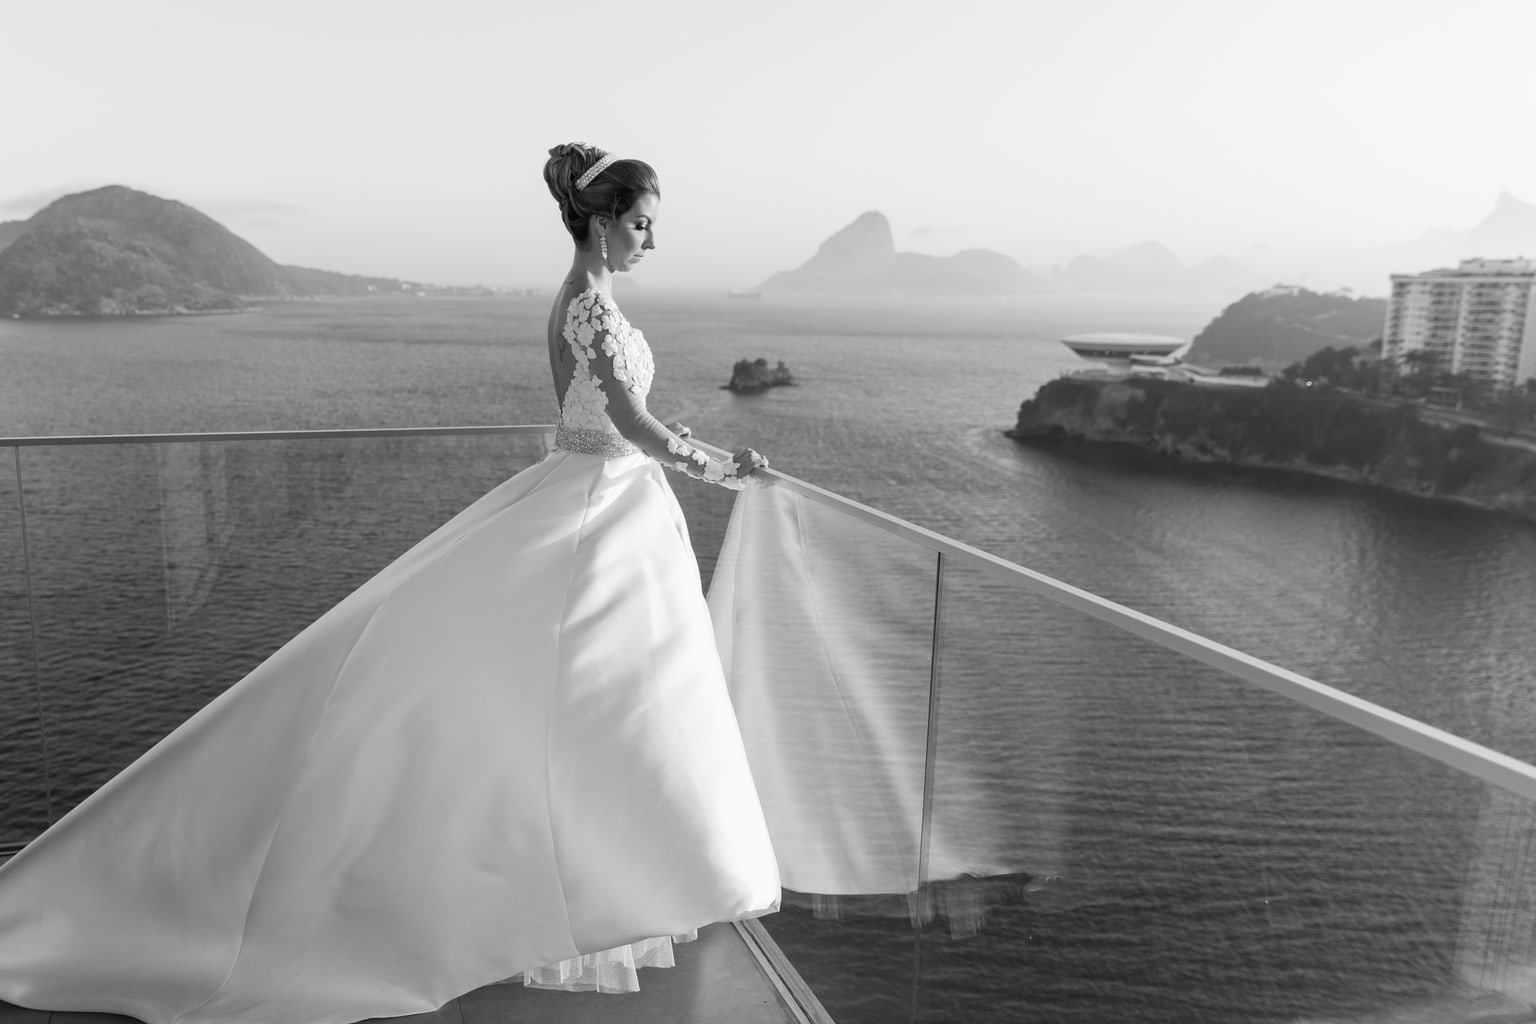 casamento-clássico-casamento-tradicional-rio-de-janeiro-niterói-Fotografia-Giovani-Garcia-casamento-Cássia-e-Daniel-2